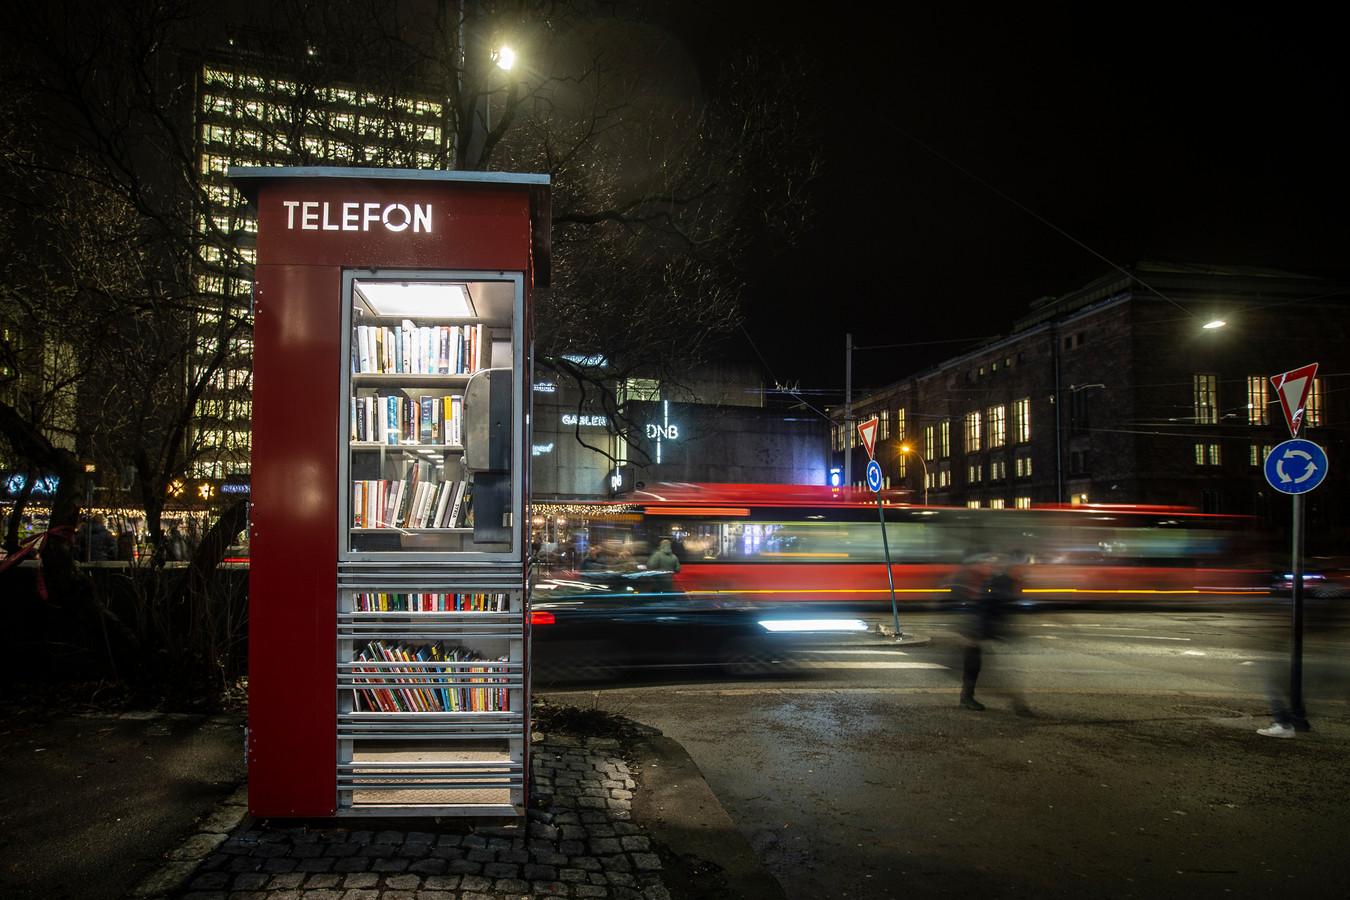 De eerste Noorse telefooncel die is omgebouwd tot mini-bibliotheek in Oslo.